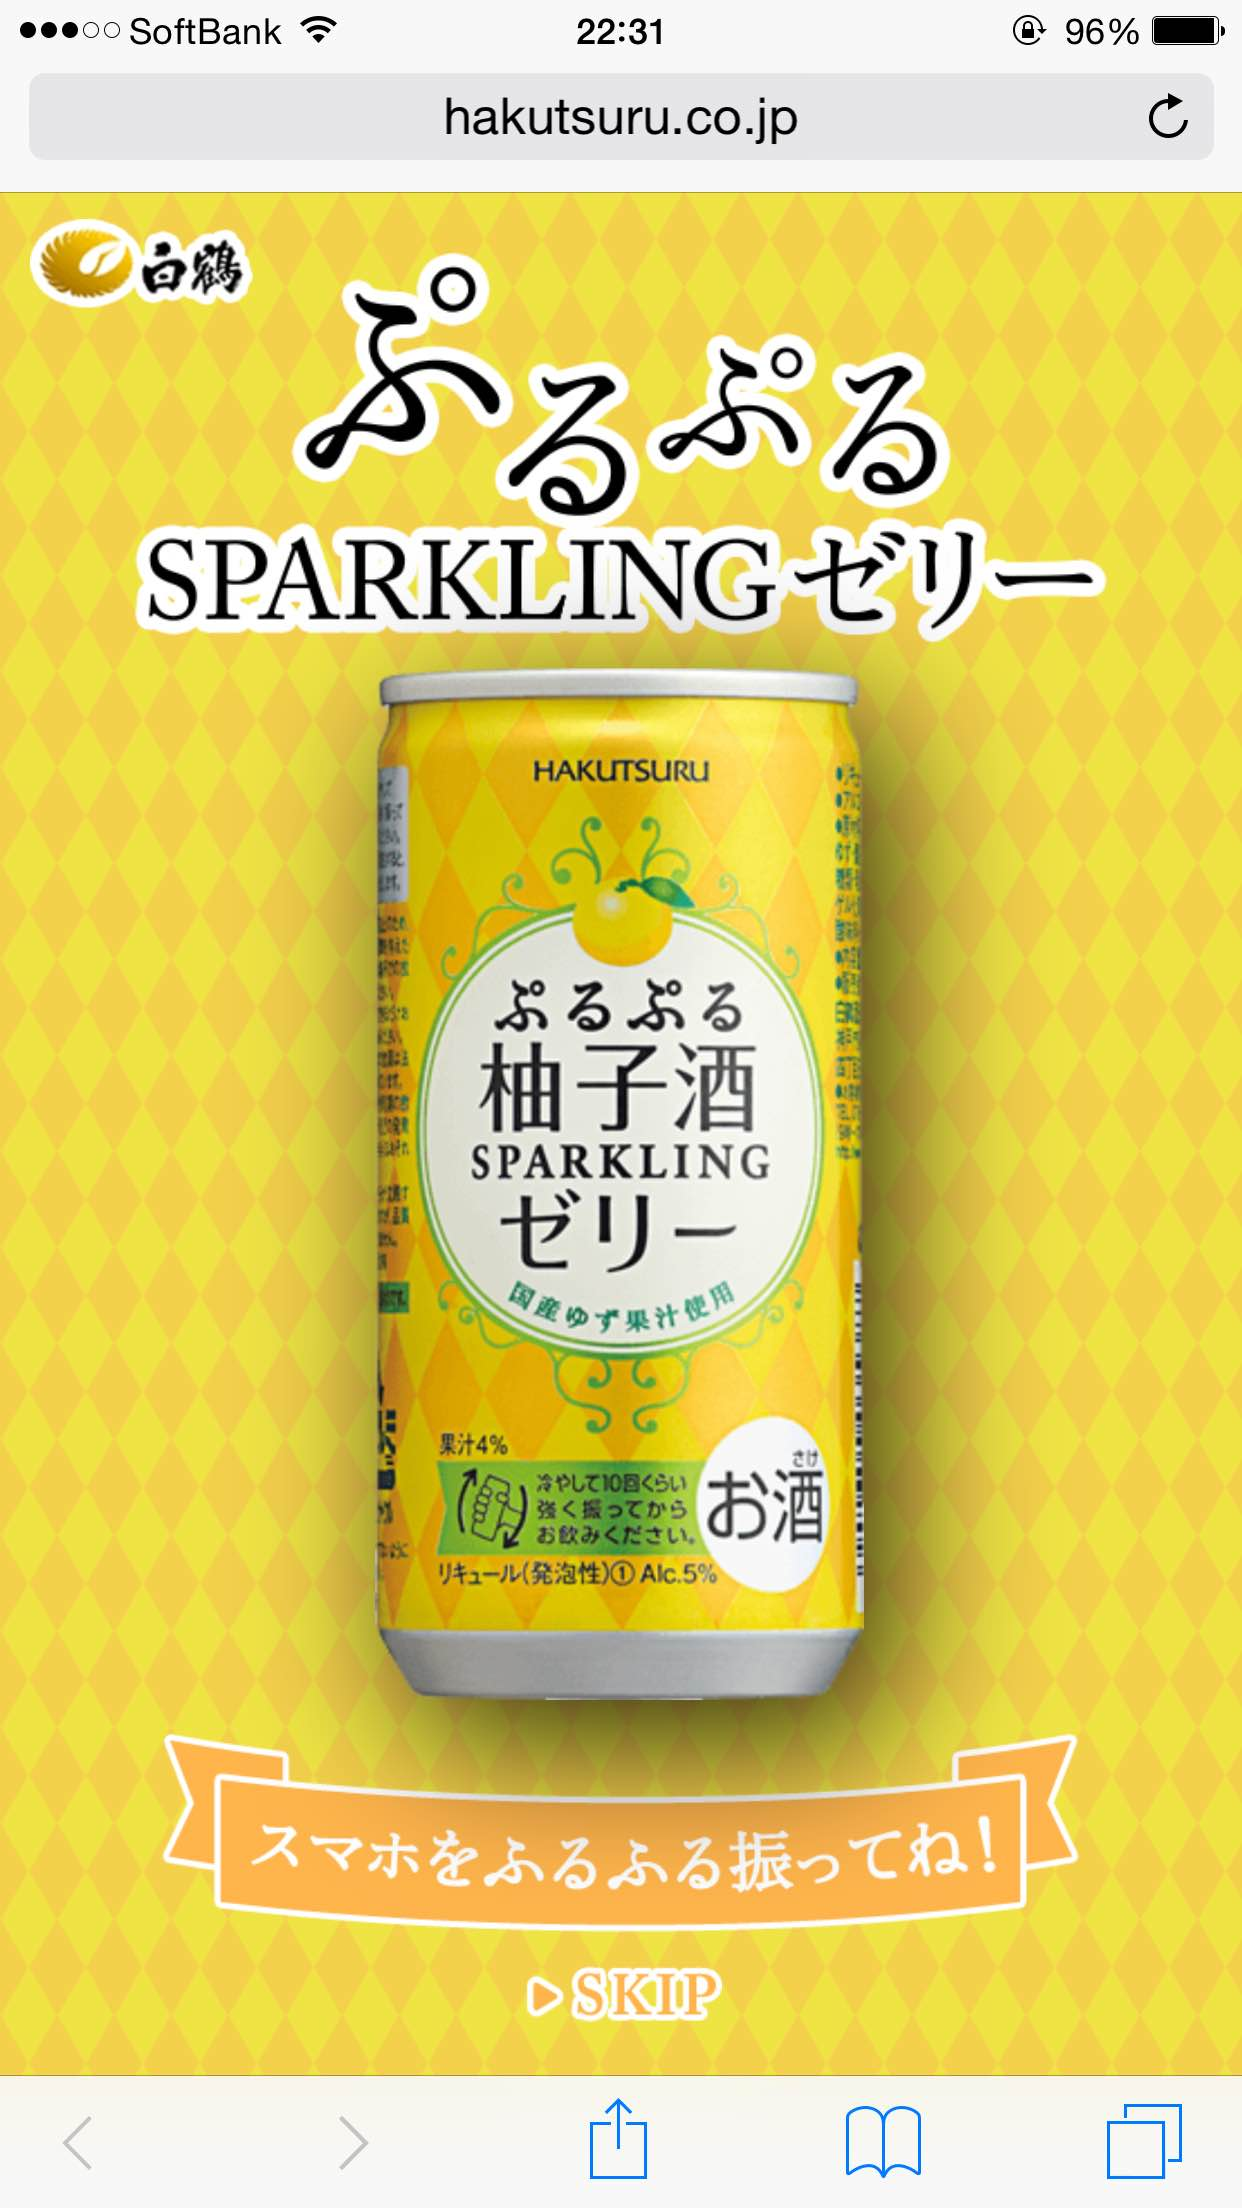 ぷるぷるスパークリングゼリー | 白鶴酒造株式会社